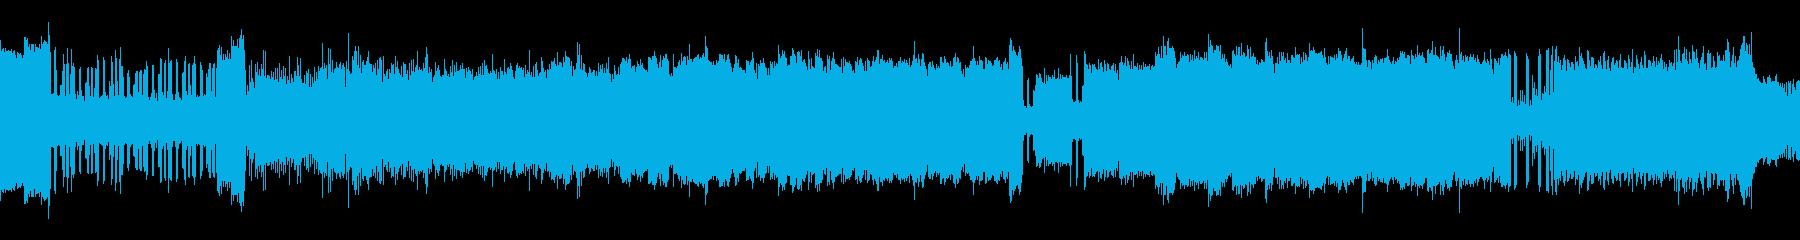 翔け!躍動感のあるアップテンポの明るい曲の再生済みの波形